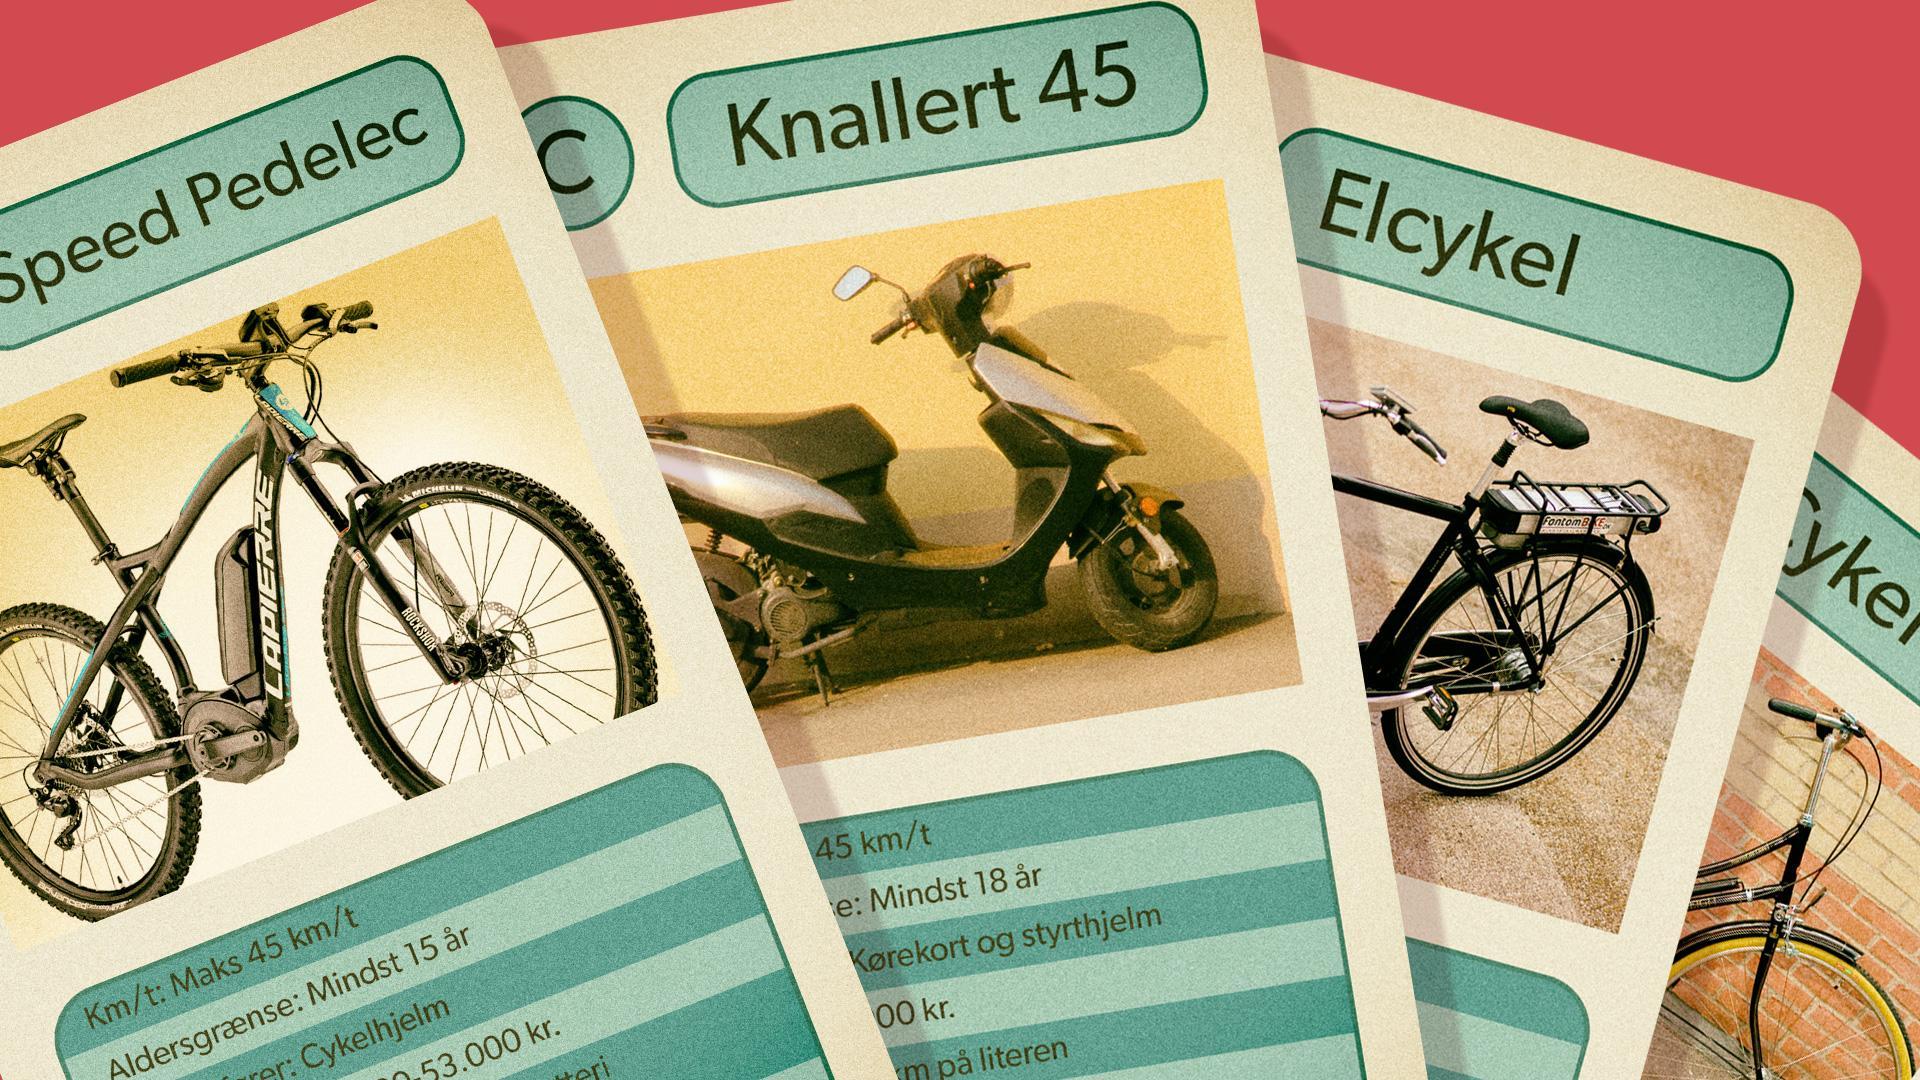 cykelbilkort_forside_v001.jpg